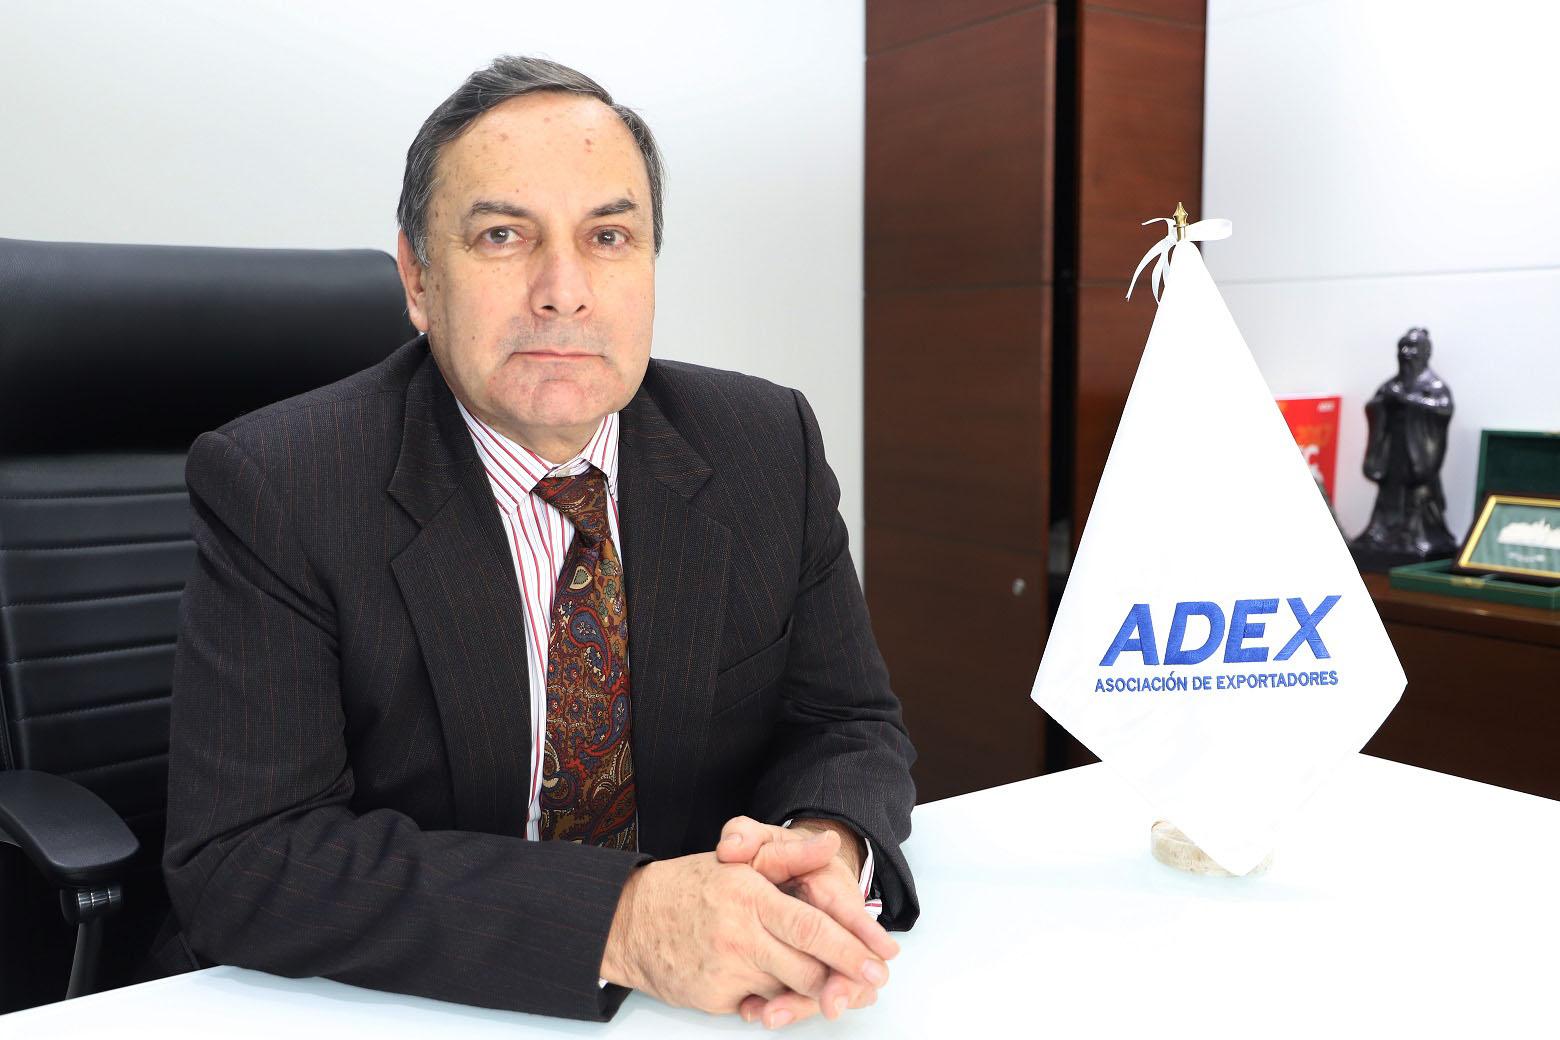 Presidente de ADEX saludó el mensaje del premier en el Congreso, por priorizar la lucha contra la pandemia para la reactivación económica